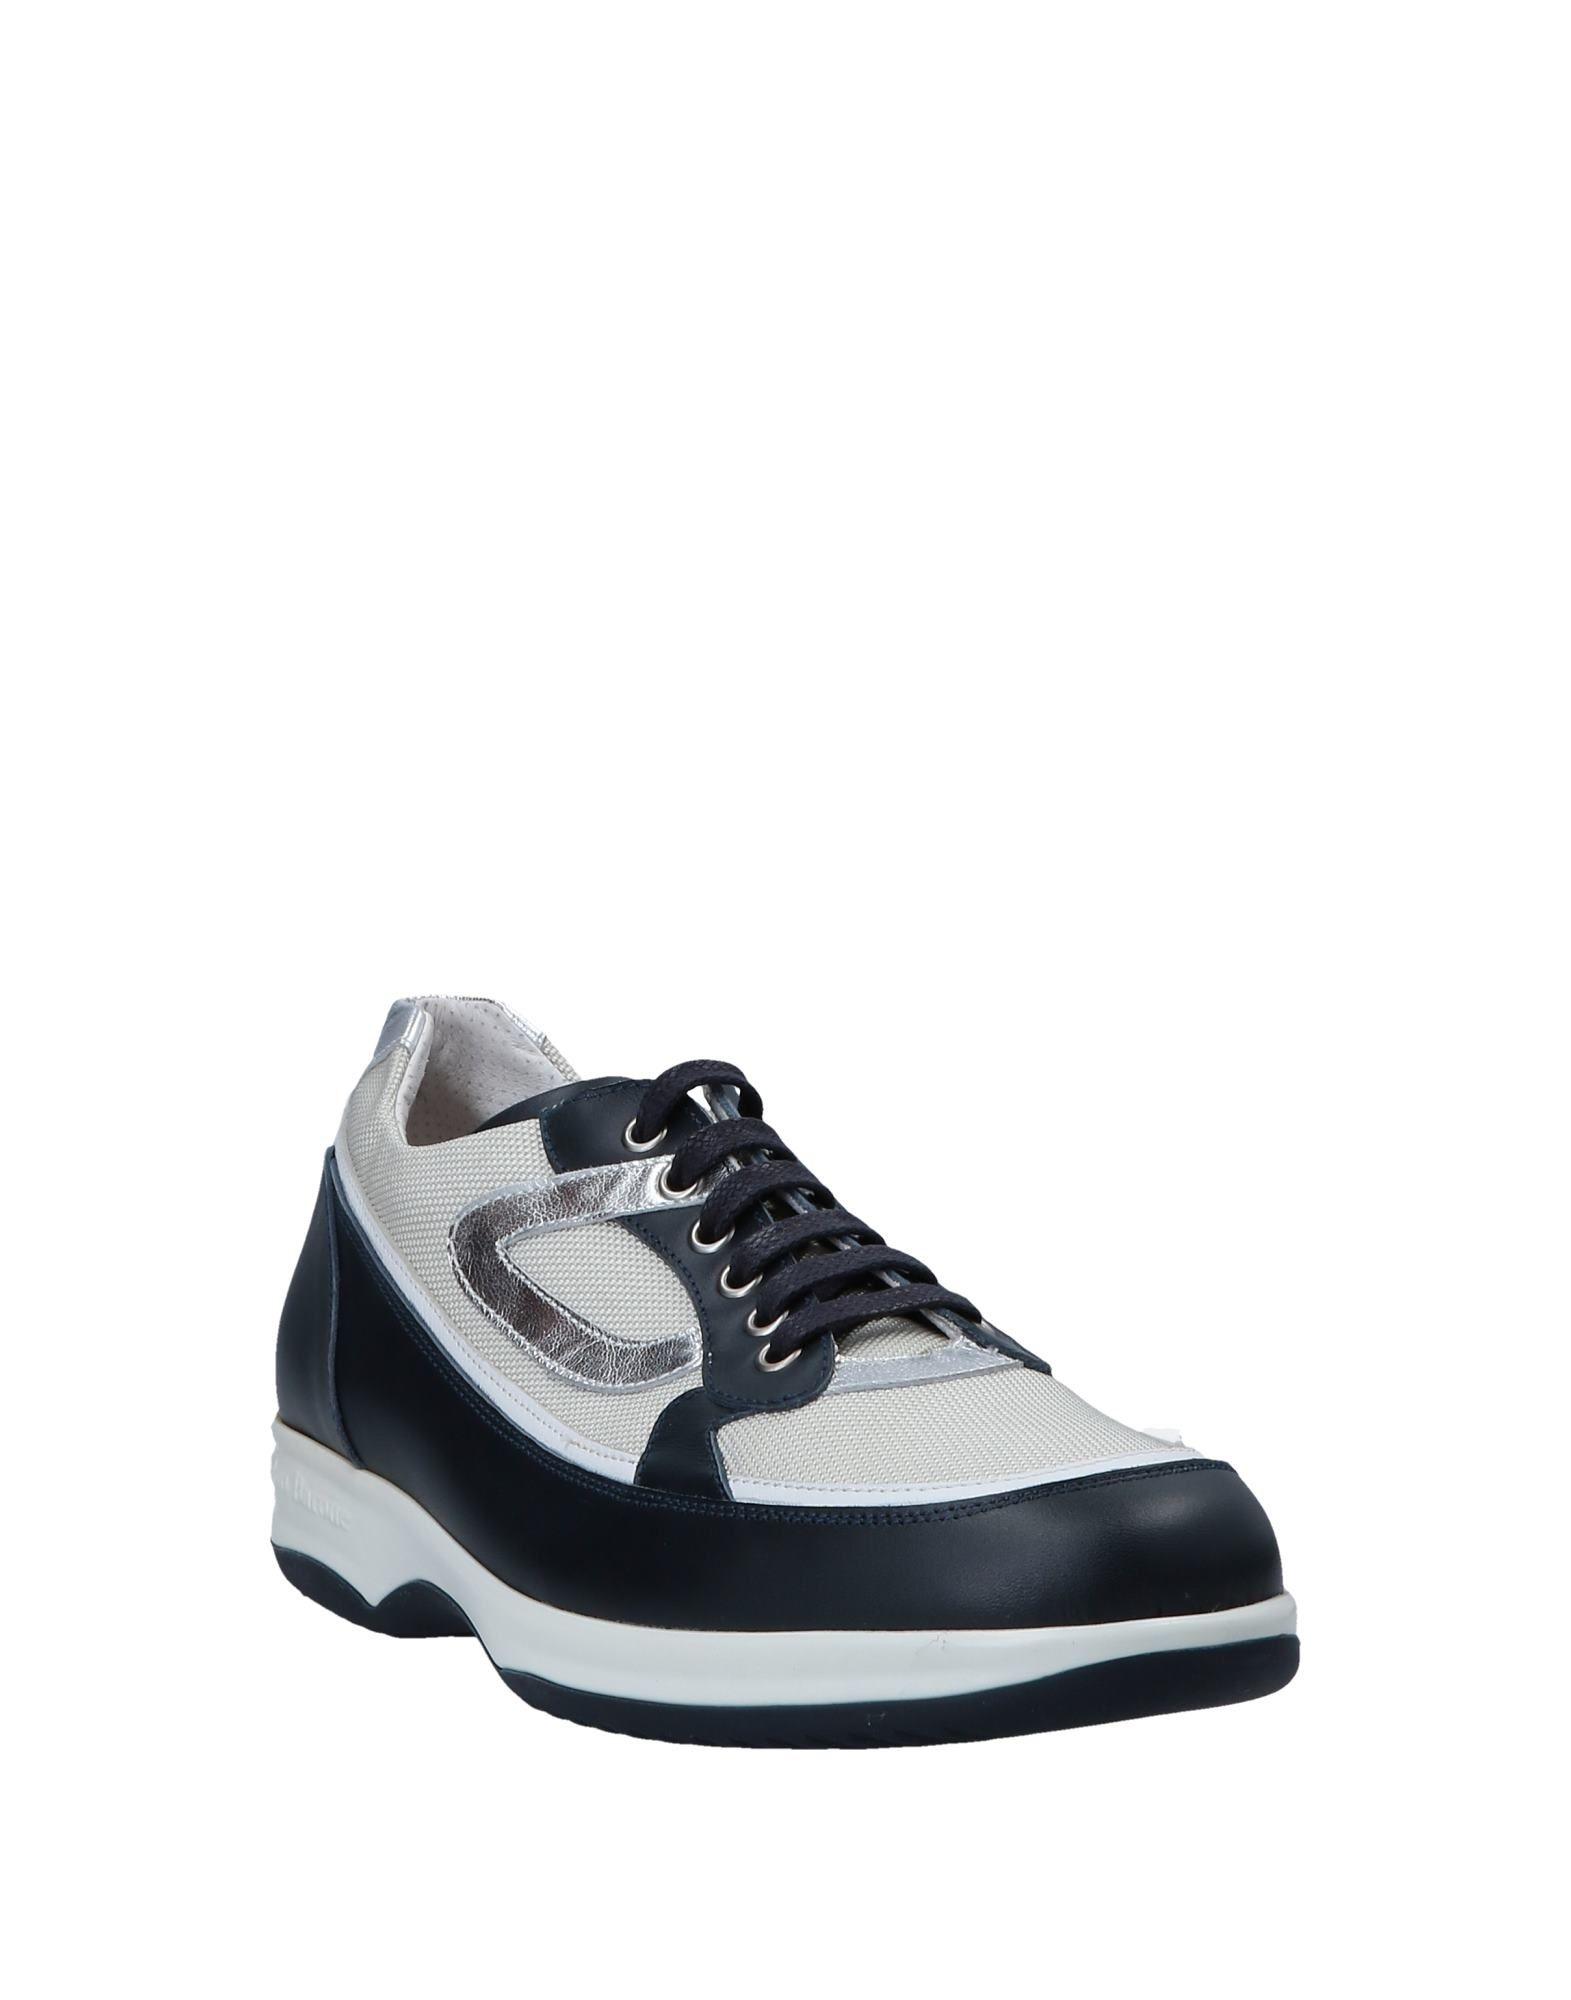 Rabatt echte Schuhe  Salvo Barone Sneakers Herren  Schuhe 11556943KM e1cbb7